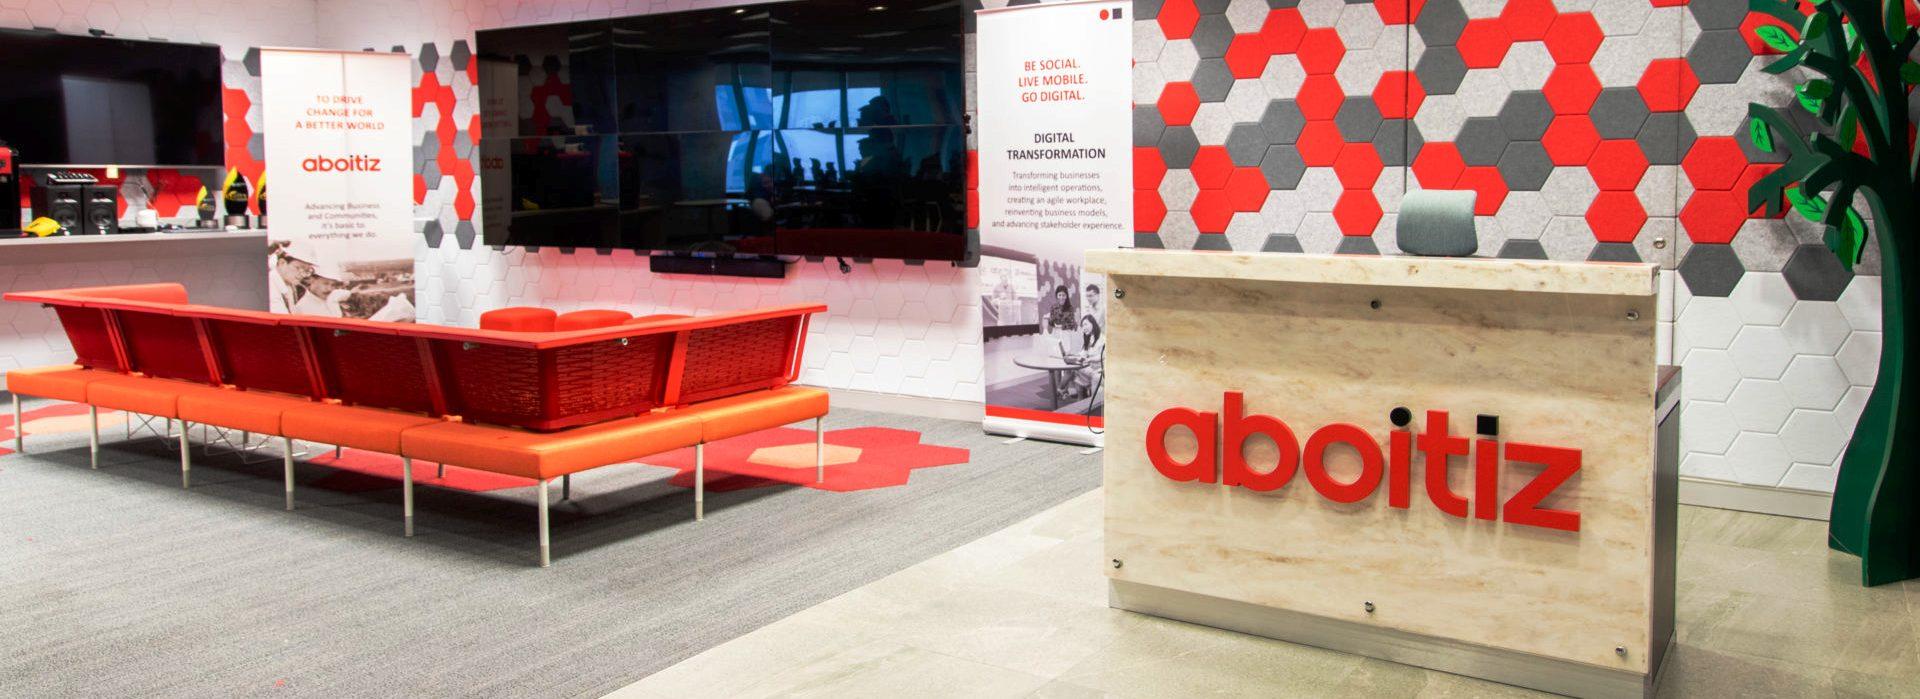 Aboitiz, Australia's AWN to build ICT training centers